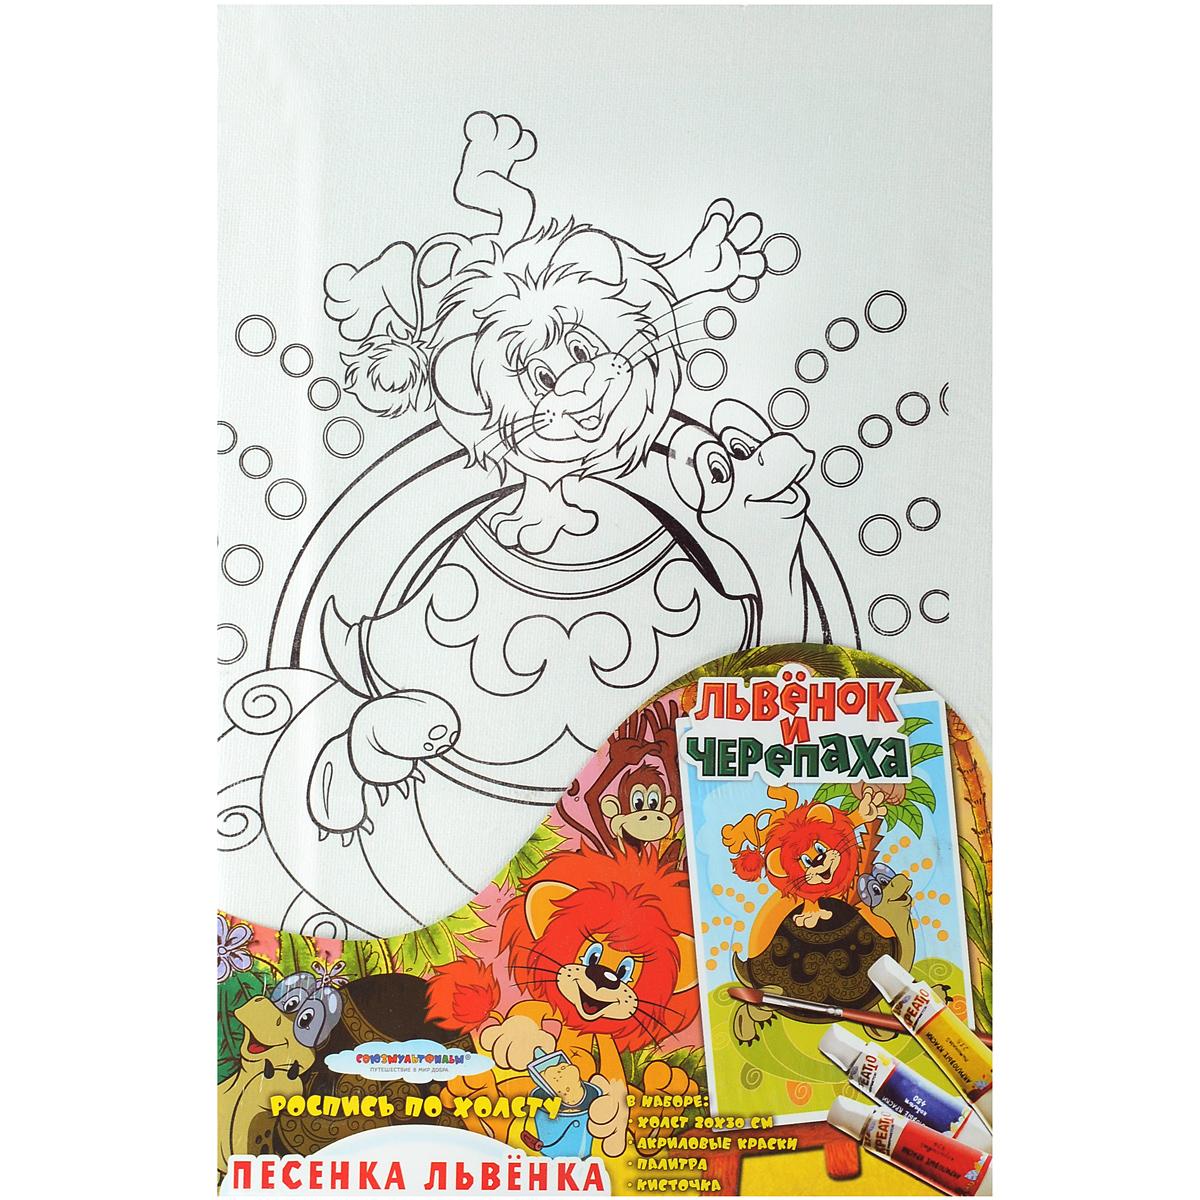 Набор для росписи по холсту Львенок и Черепаха4680010493243Набор для росписи по холсту Львенок и Черепаха позволит вашему ребенку создать яркую картину с изображением персонажей любимого мультфильма. В набор входит все необходимое: холст на тканевой основе с нанесенным контуром картины, закрепленный на деревянном подрамнике, пять тюбиков с акриловой краской желтого, красного, синего, зеленого и белого цветов, палитра и кисточка. Получившаяся картина станет превосходным украшением интерьера детской комнаты или оригинальным подарком близким и друзьям.